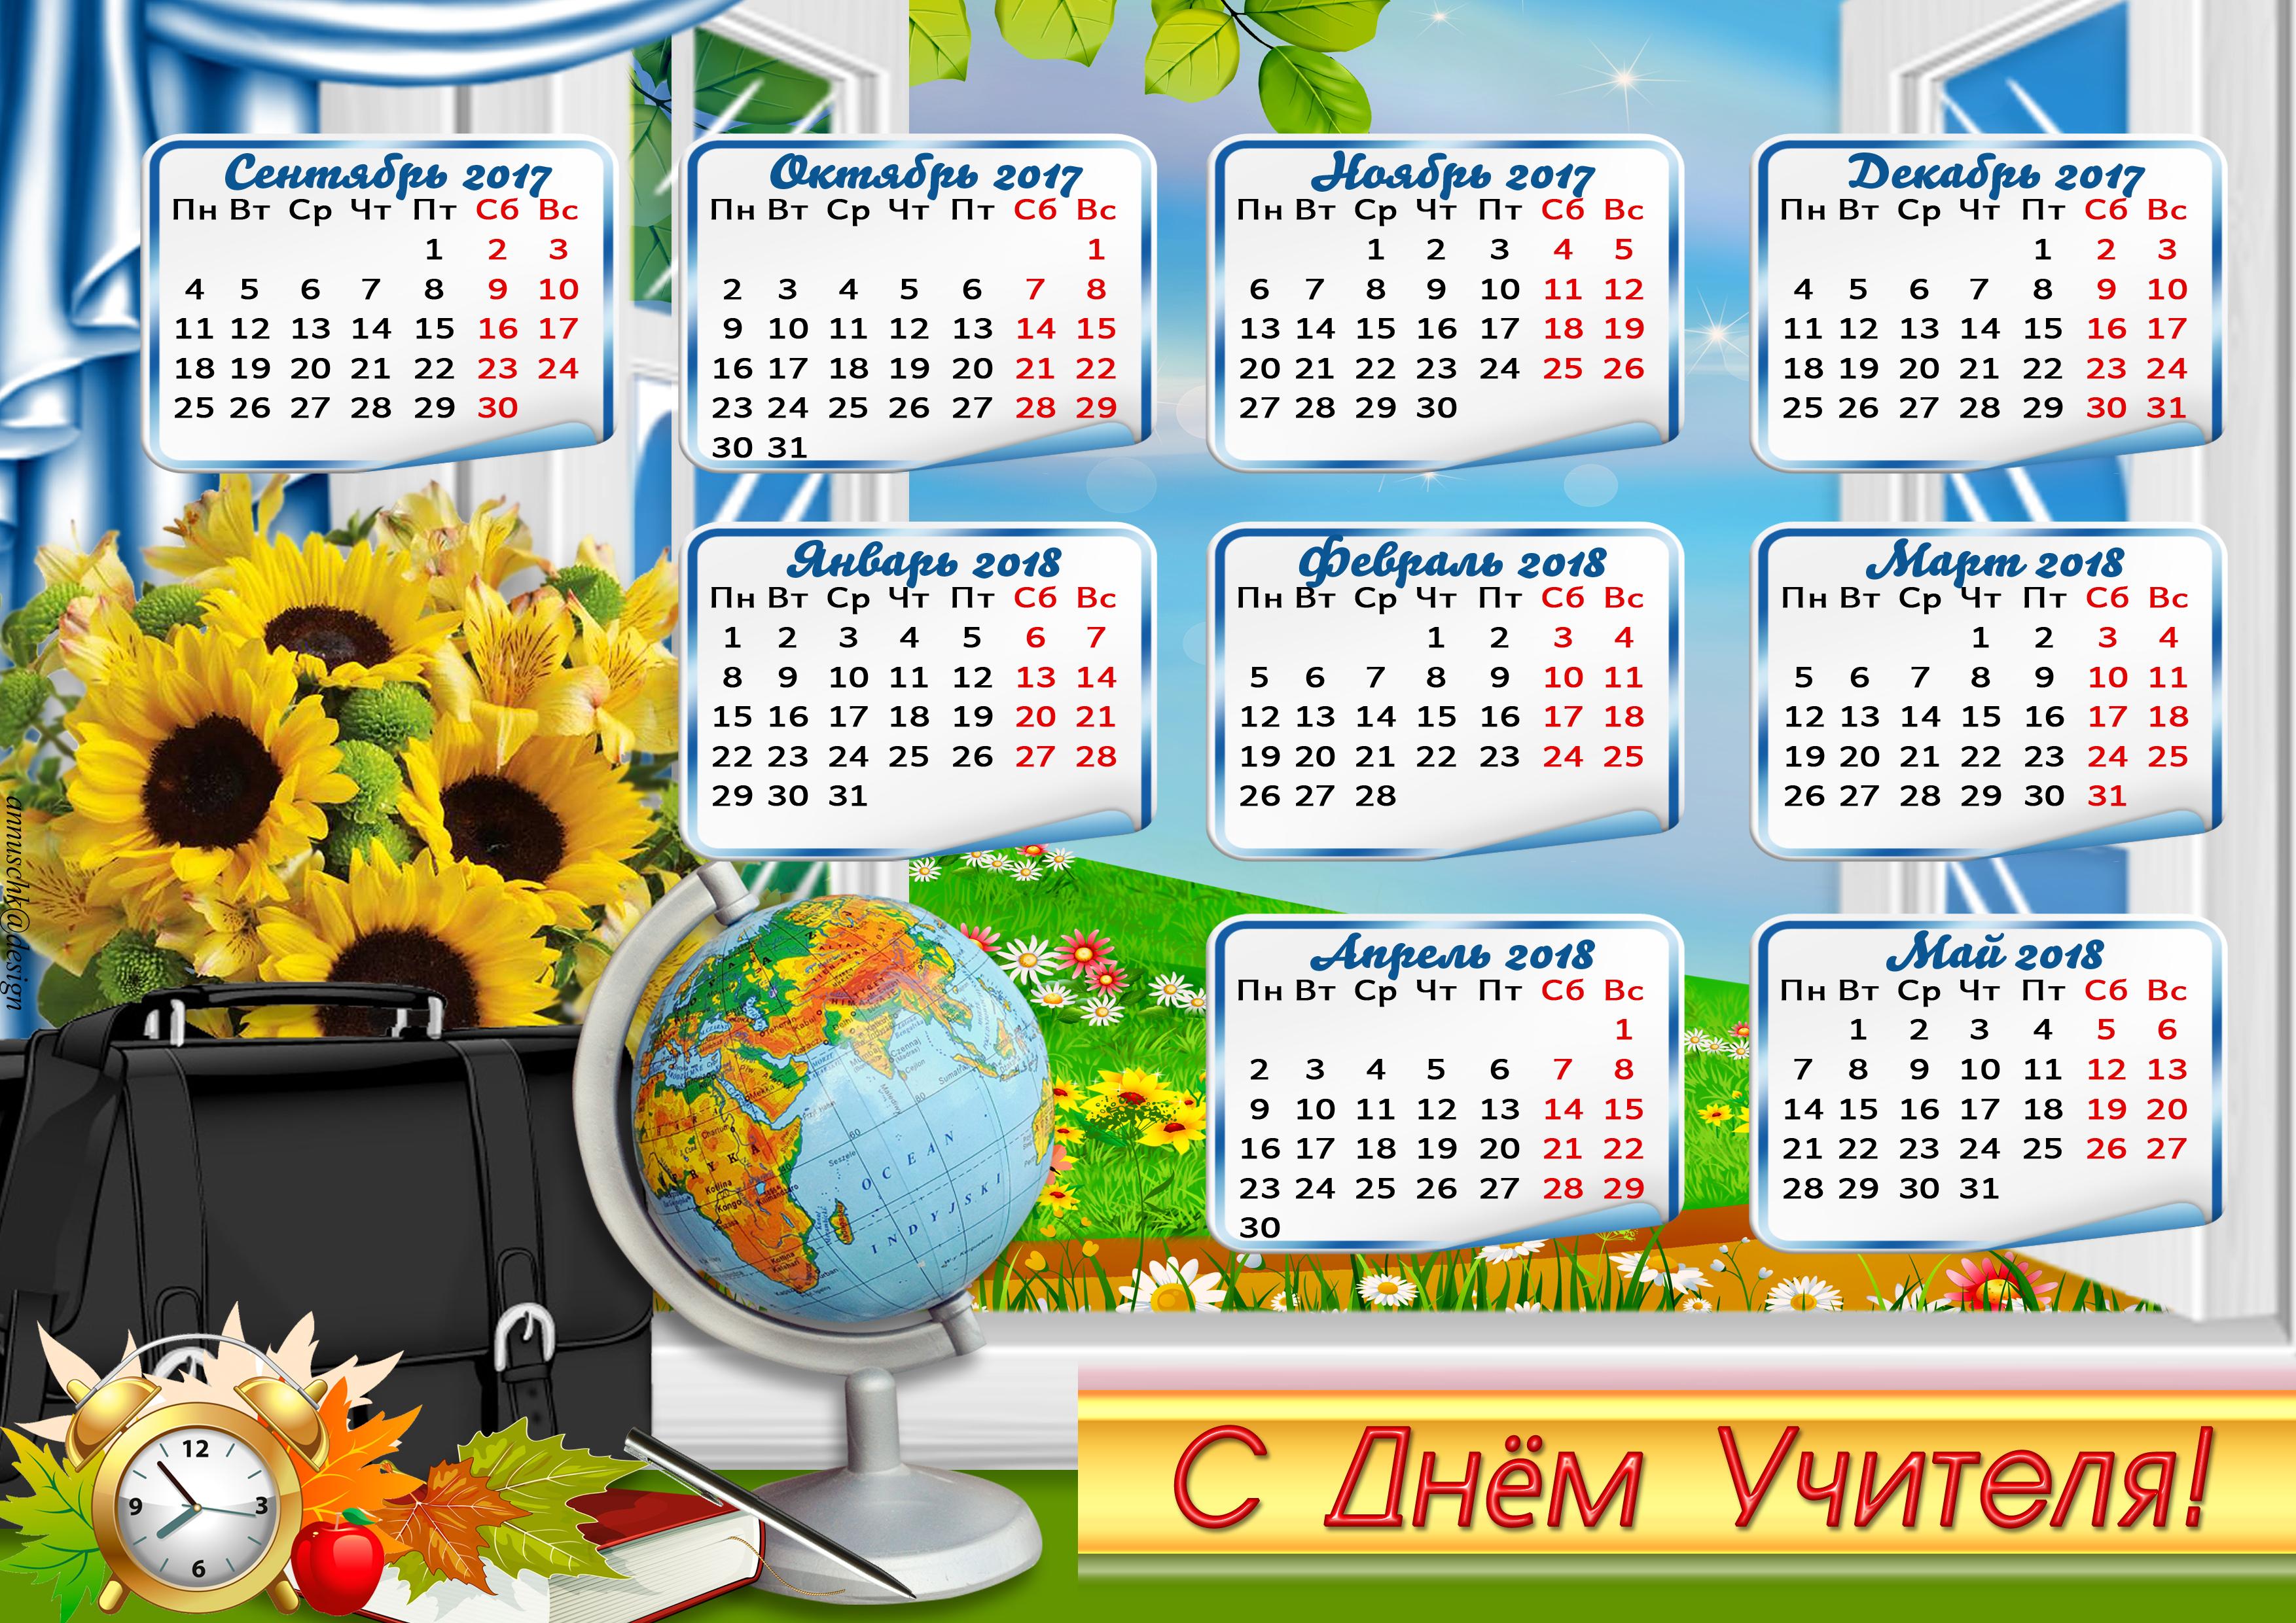 Праздники и выходные 2018-2018 учебный год